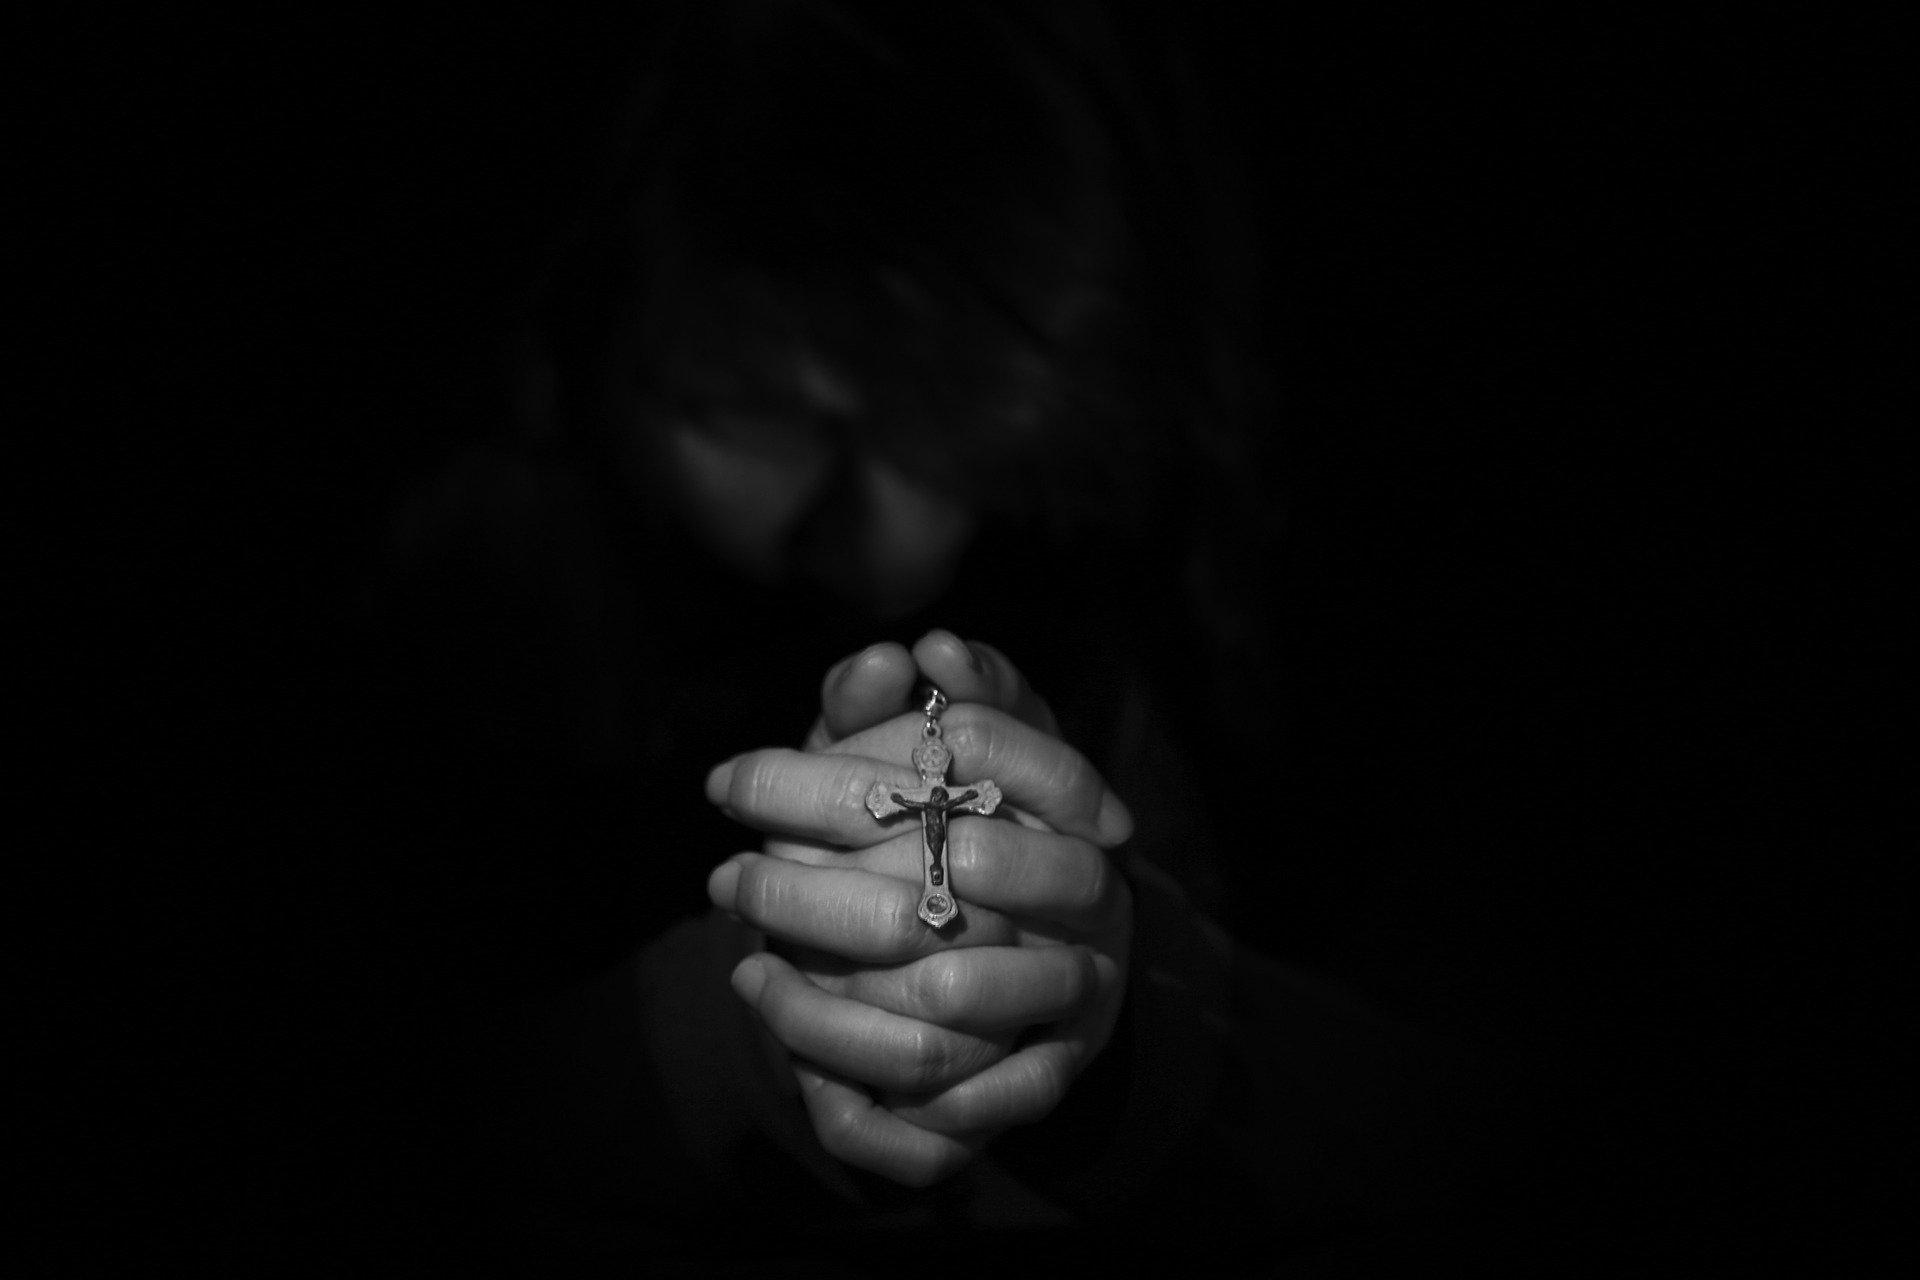 Broszura ma odwieść wiernych od aktu apostazji  - Zdjęcie główne